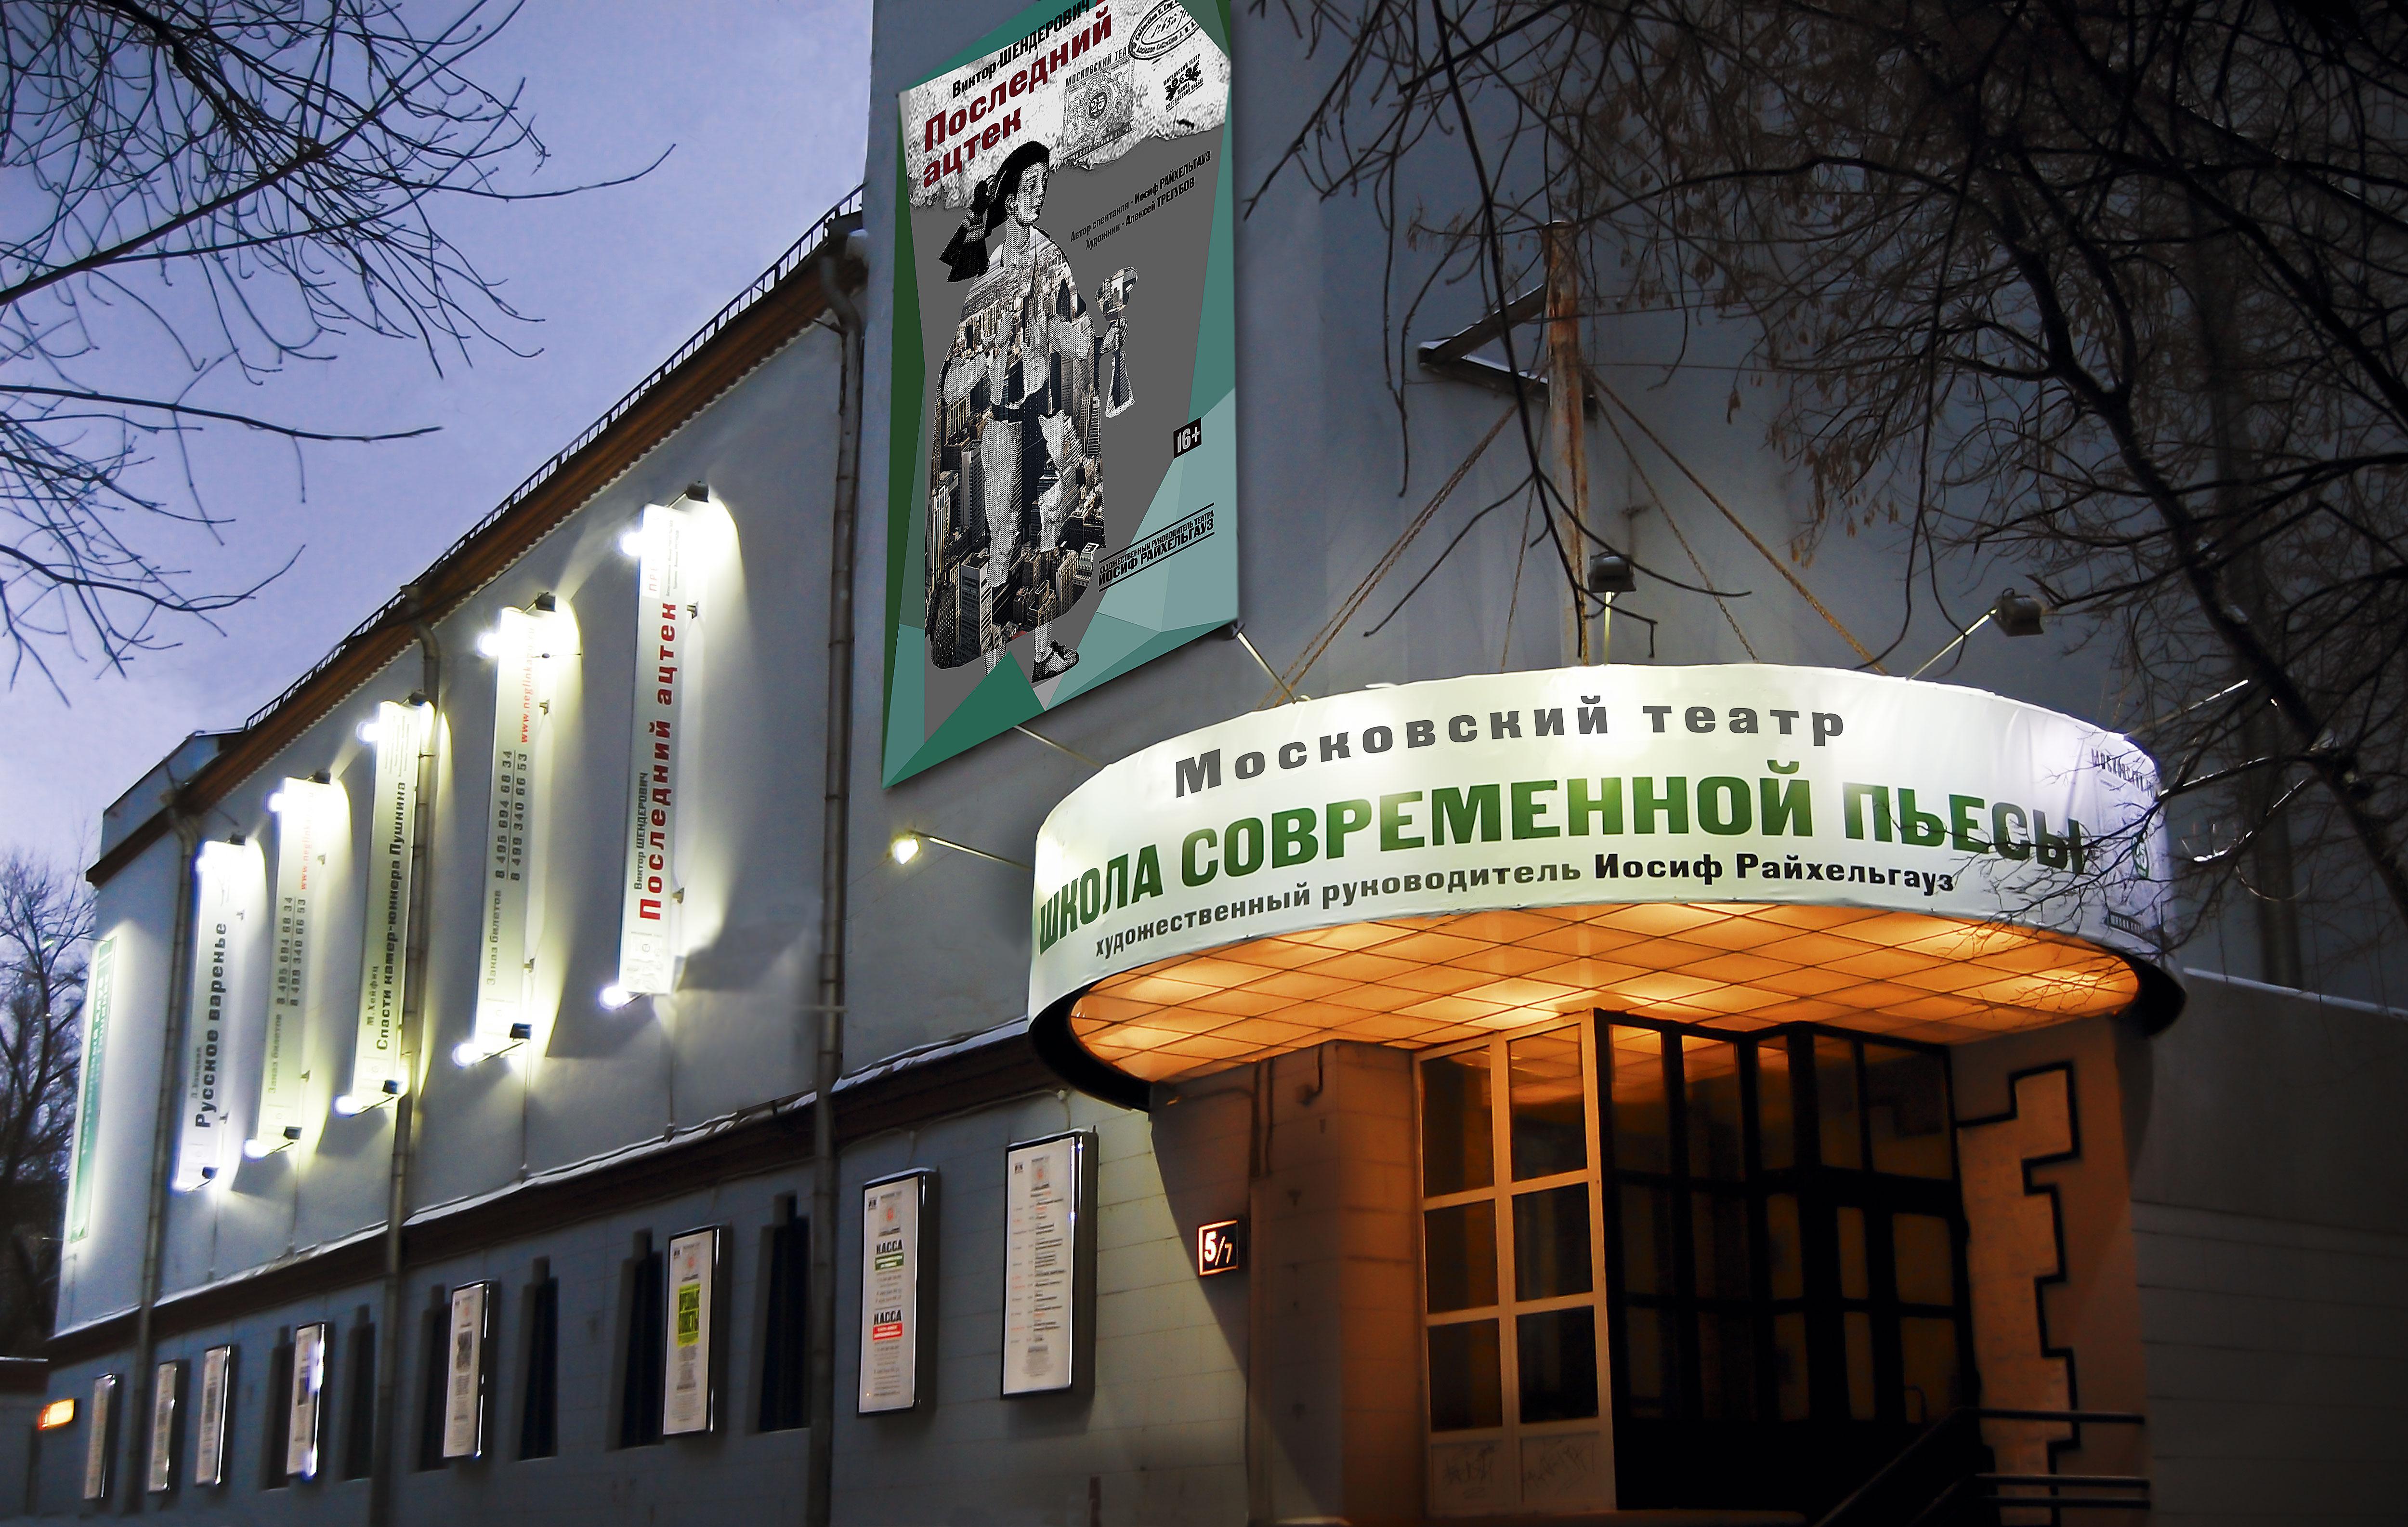 расчёте расстояния метро белорусская театр школа современной пьессы раколовки, краболовки для